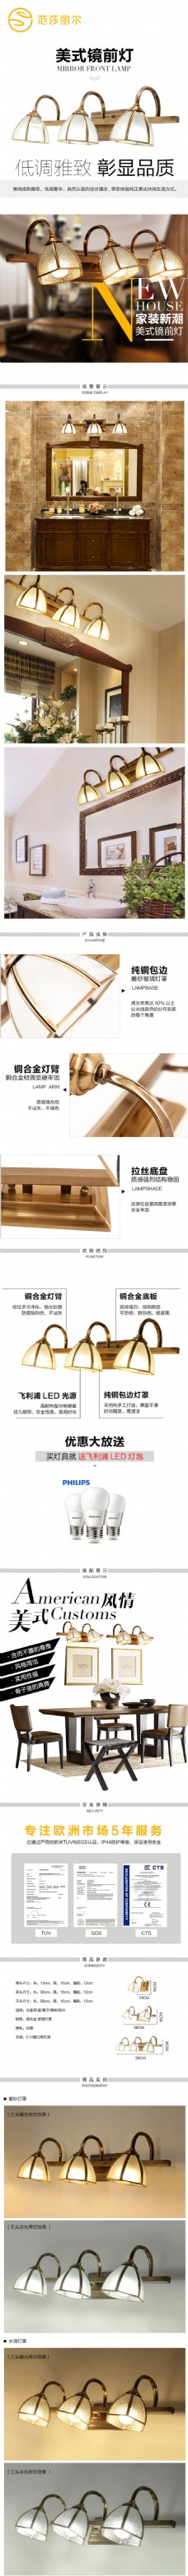 美式灯具详情页